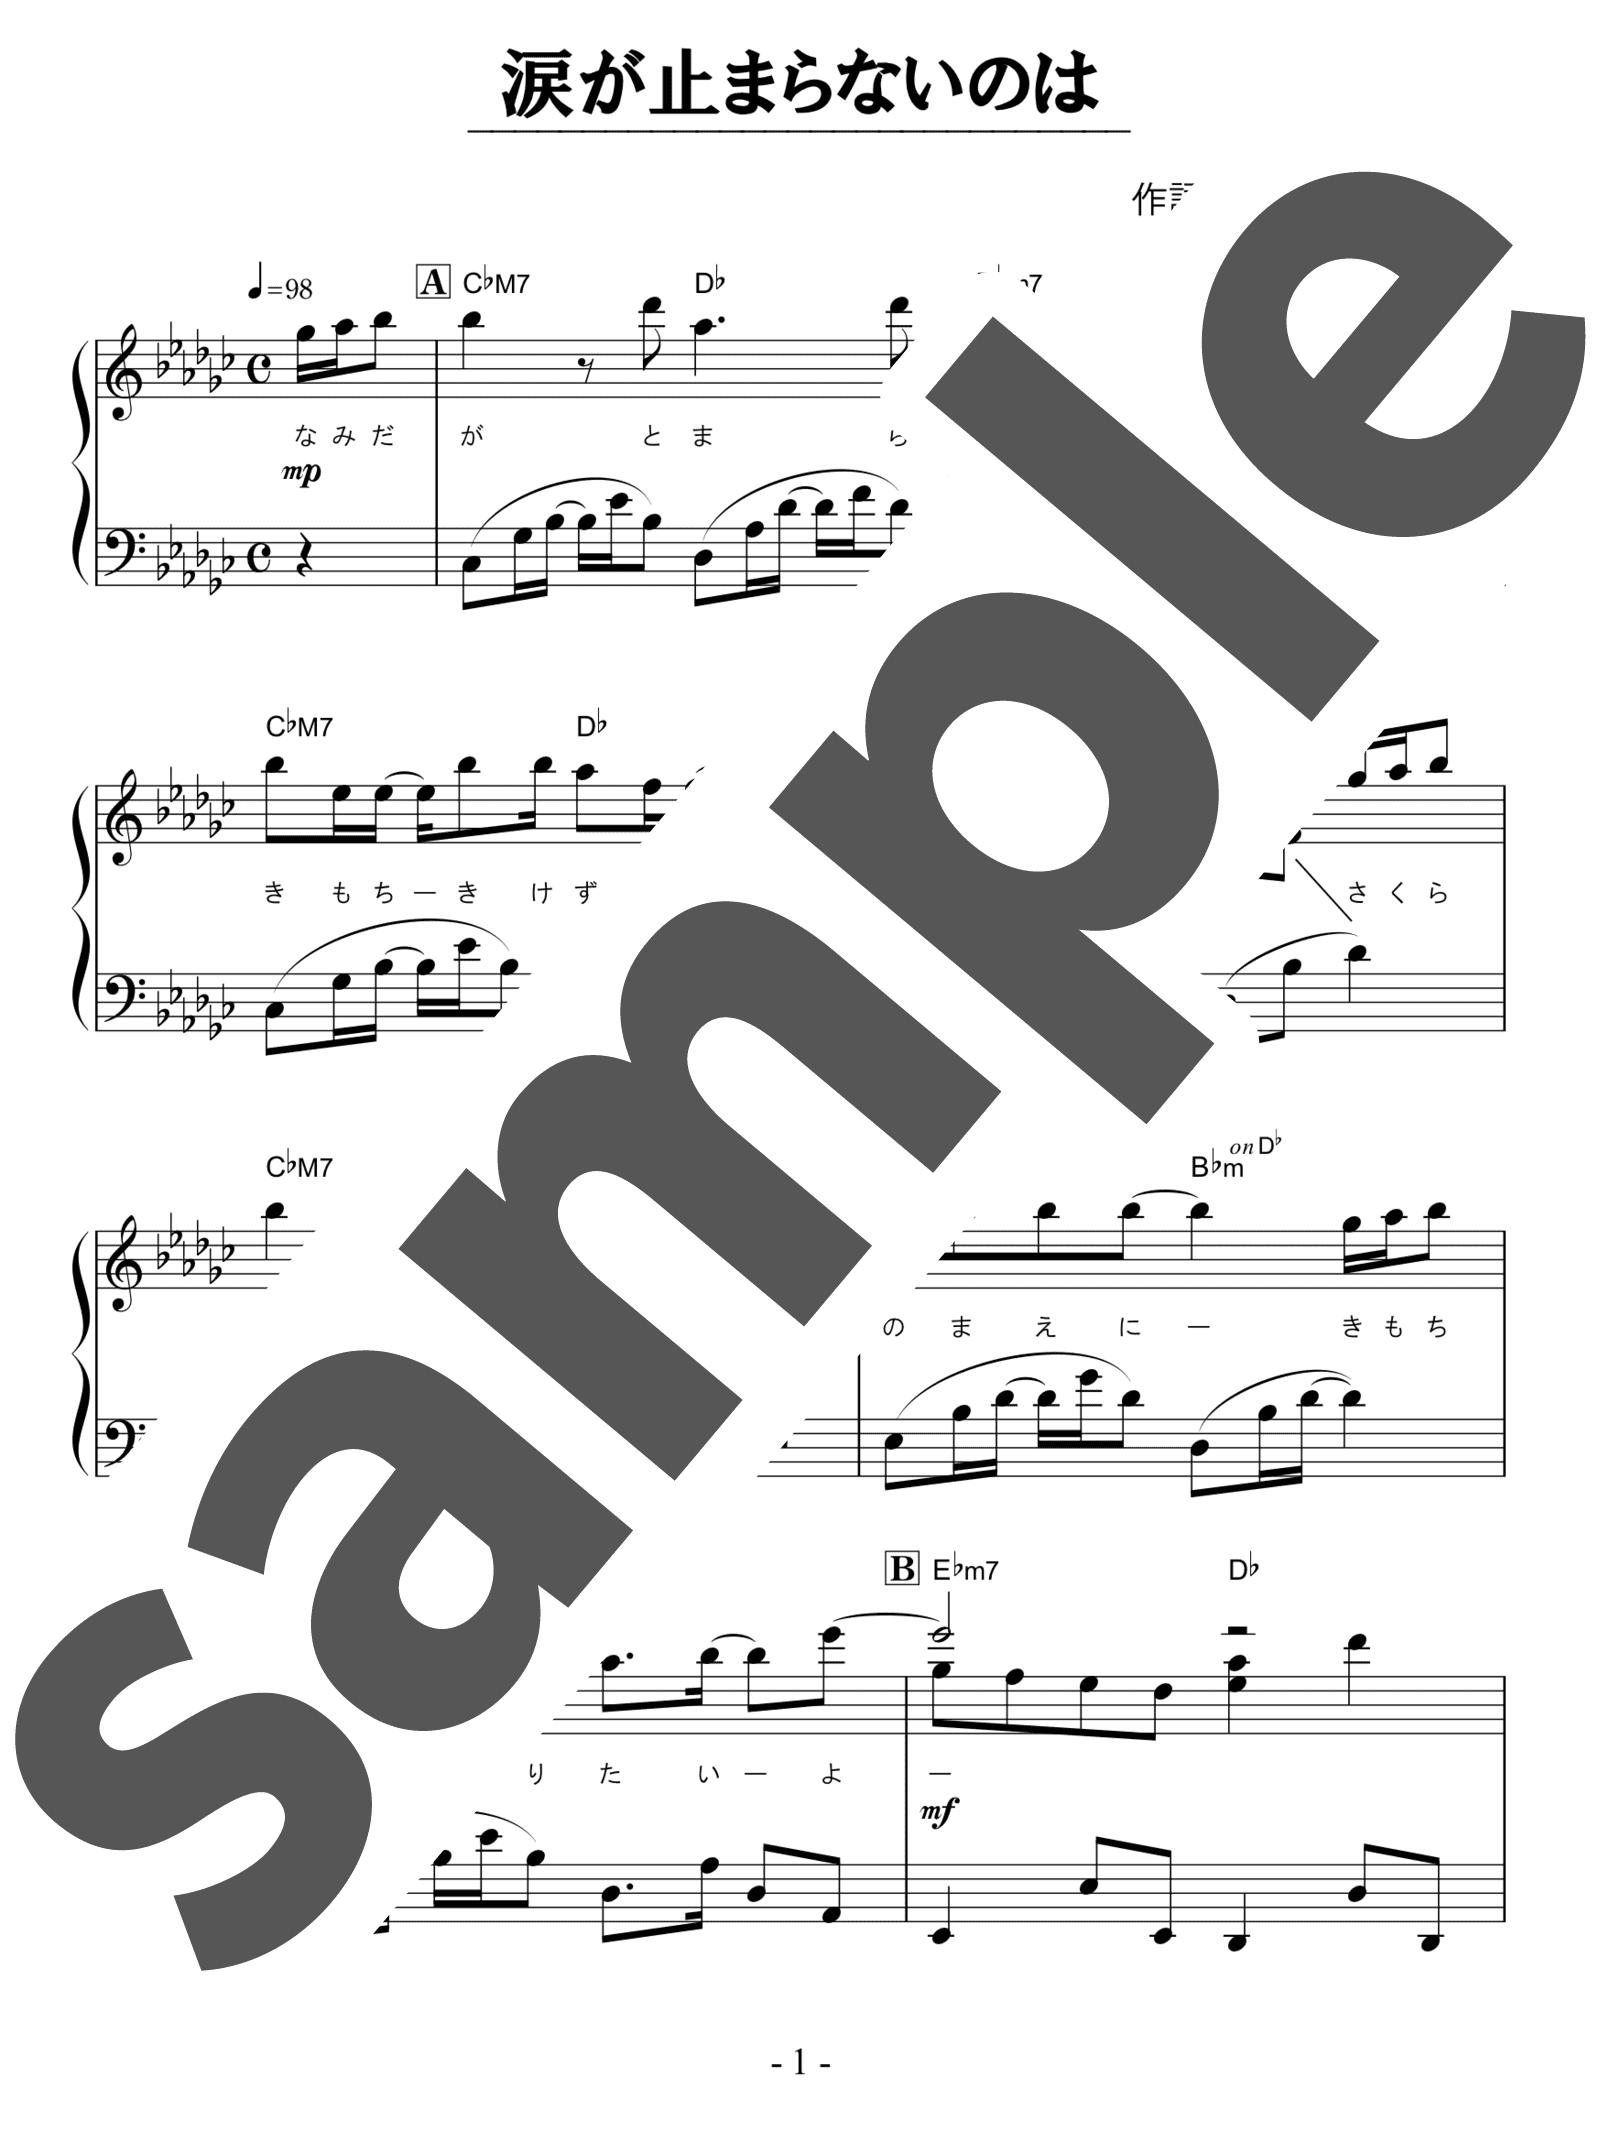 「涙が止まらないのは」のサンプル楽譜